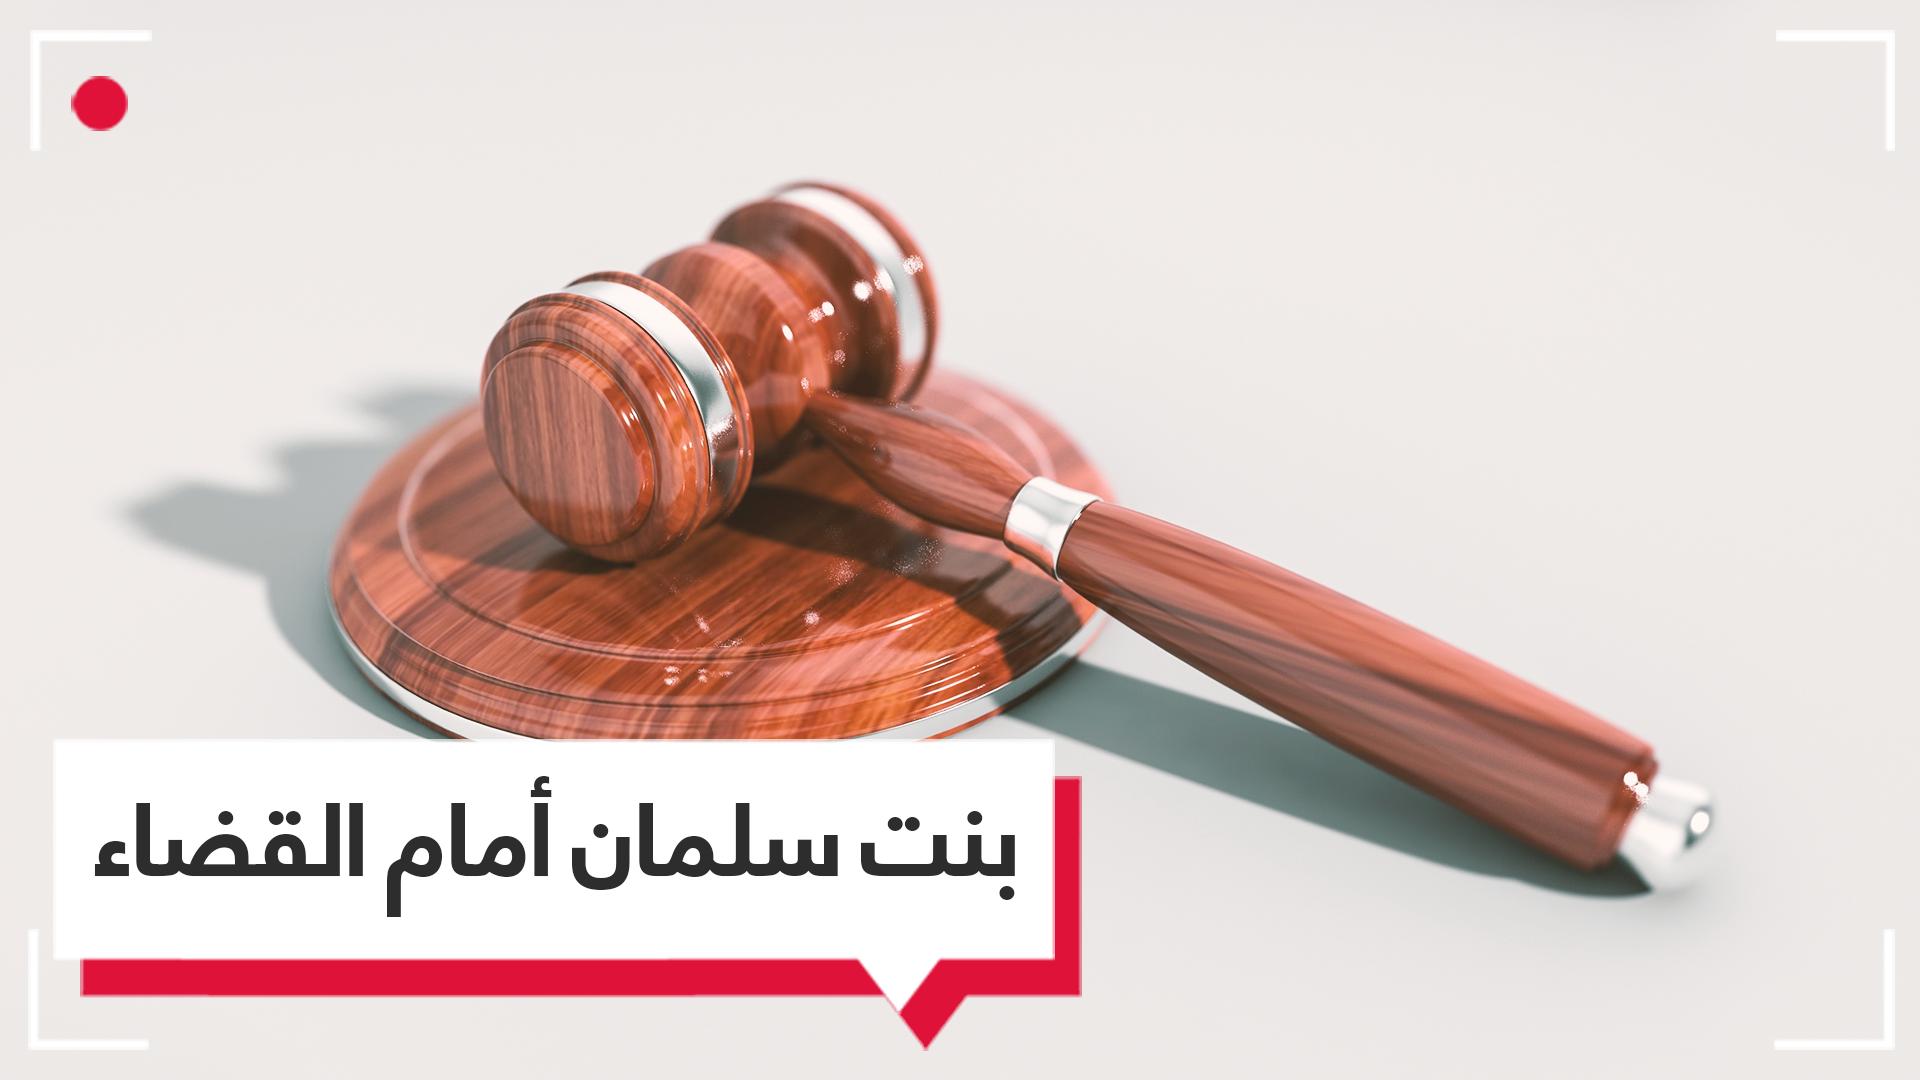 شقيقة محمد بن سلمان مطلوبة أمام القضاء الفرنسي.. ما التهمة؟